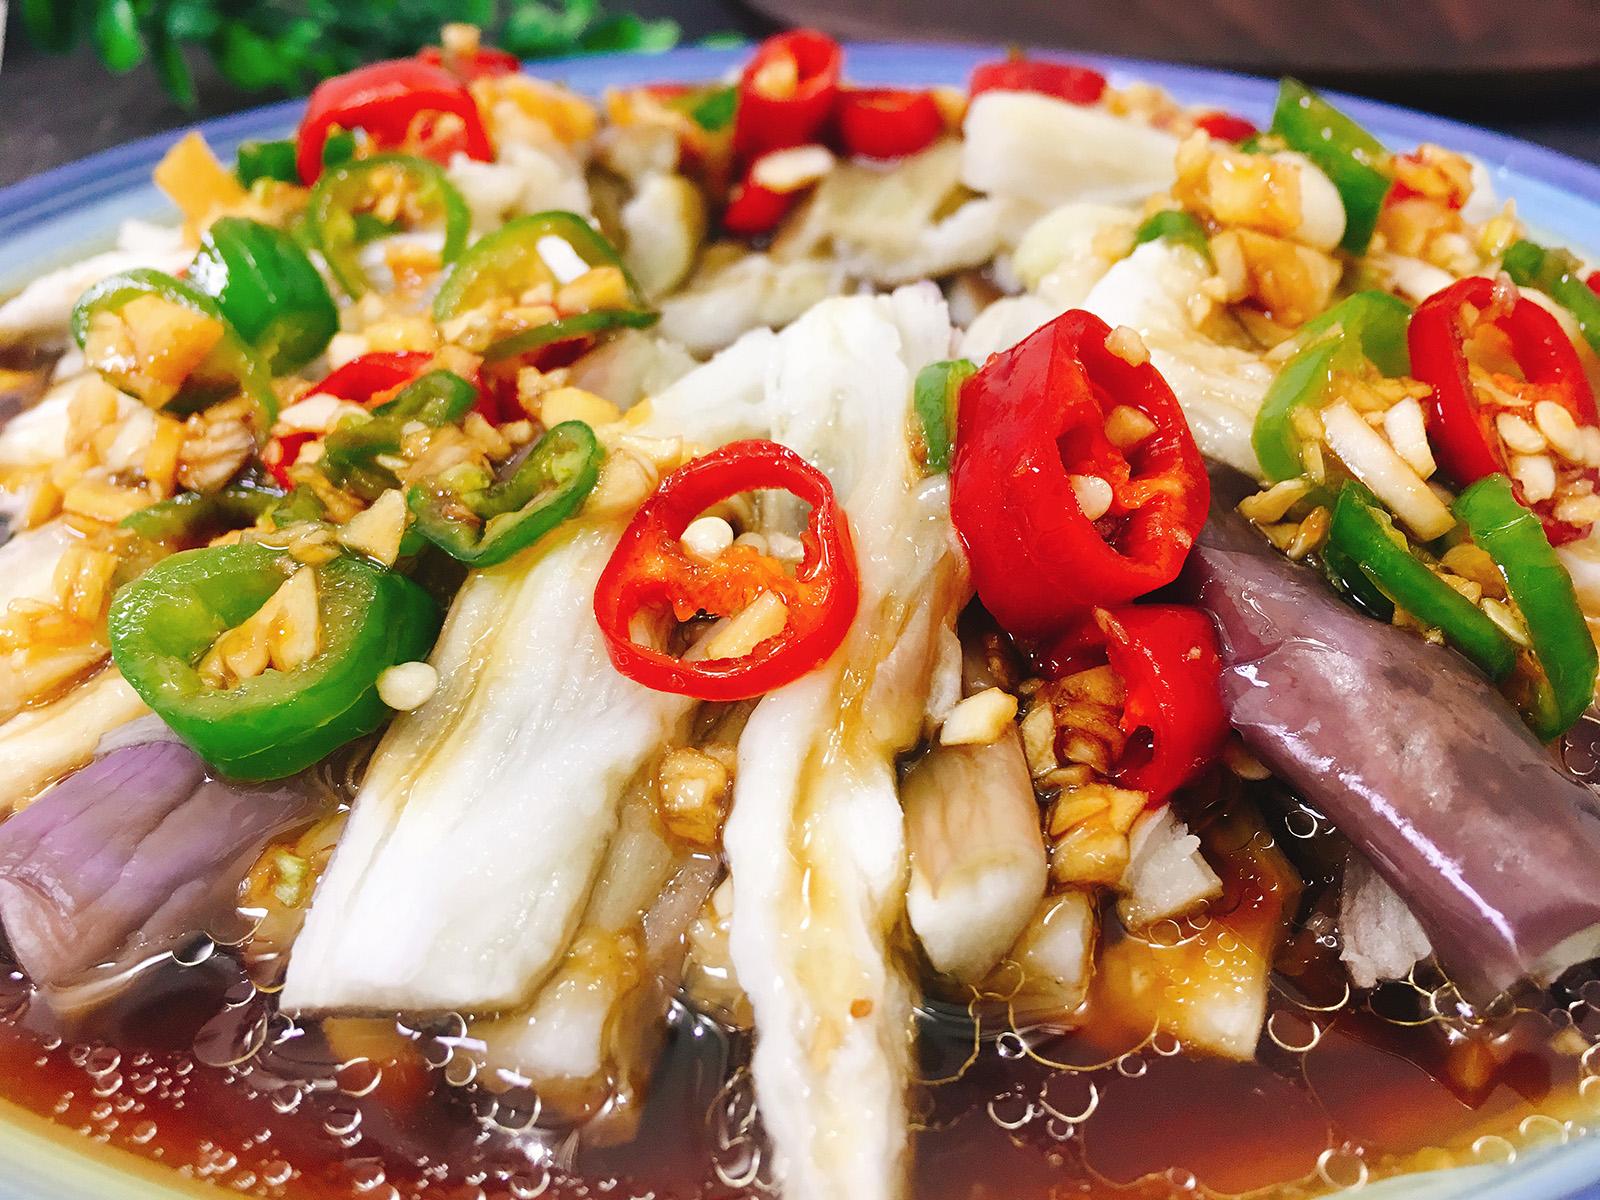 夏天茄子就该这样吃,酸辣爽口,开胃下饭 美食做法 第7张